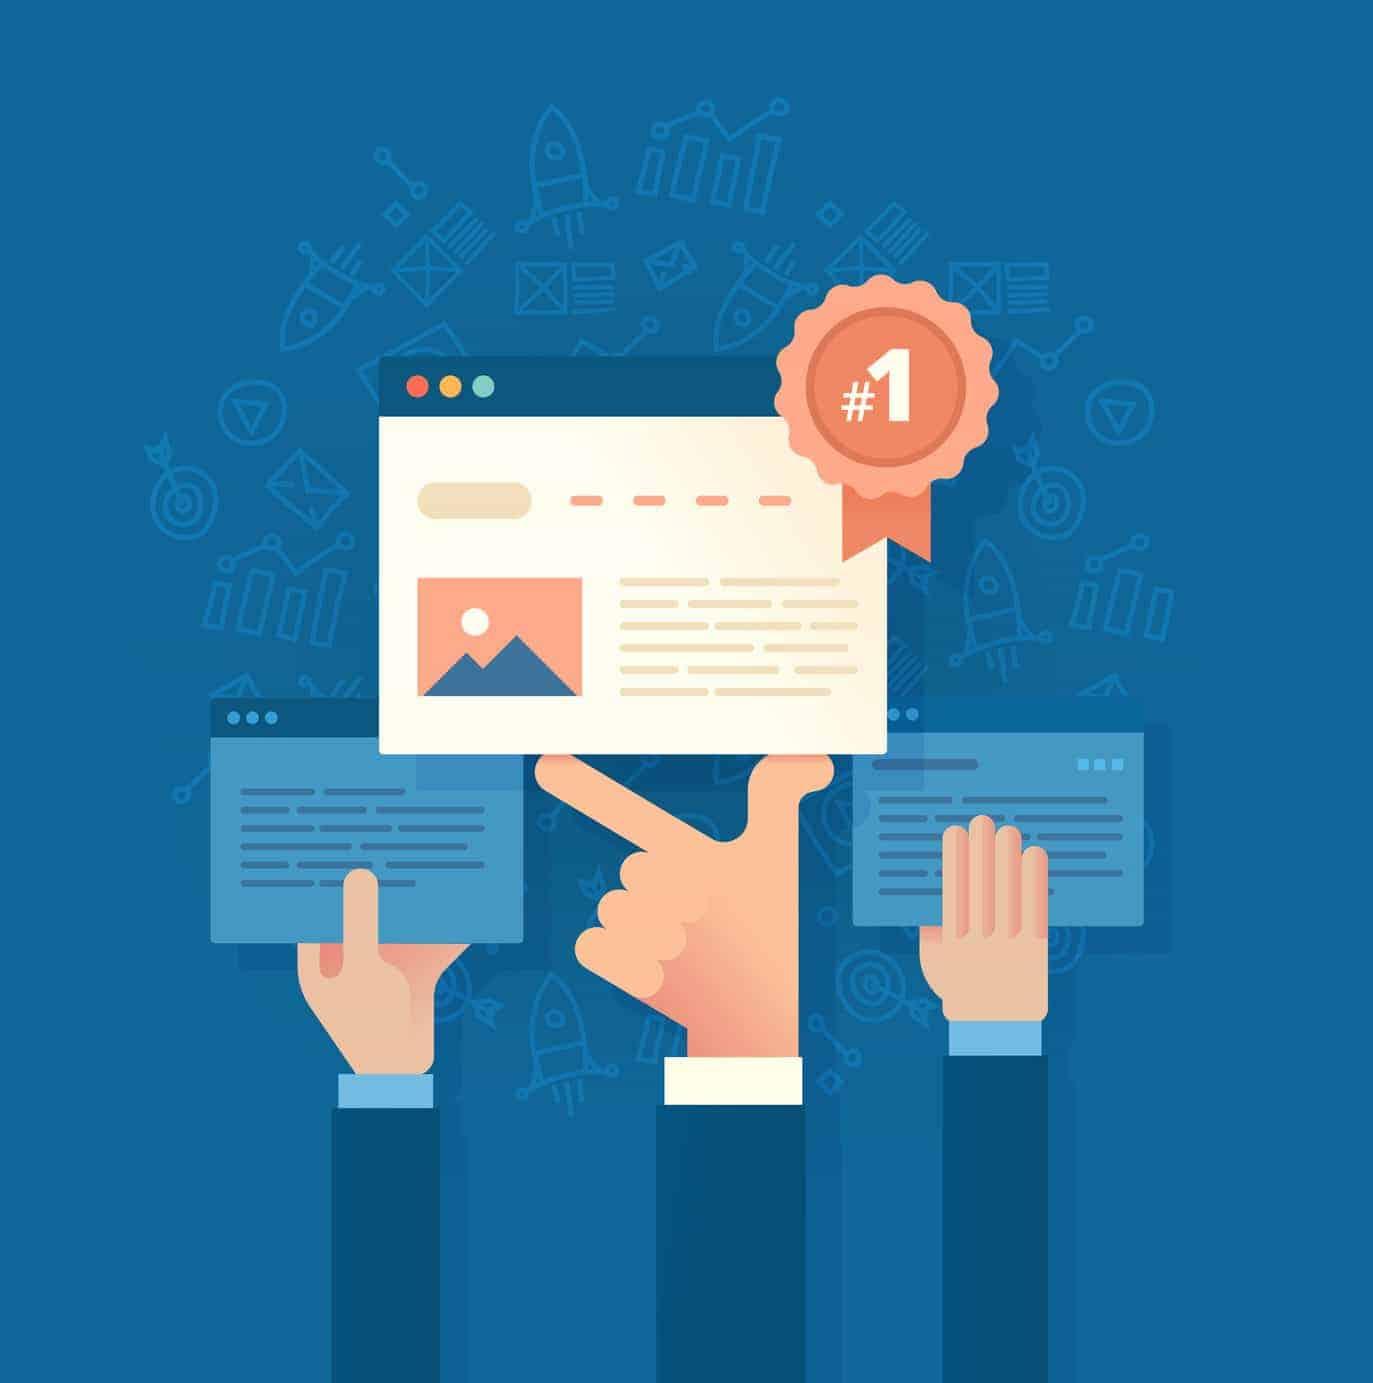 Online marketing branding tips